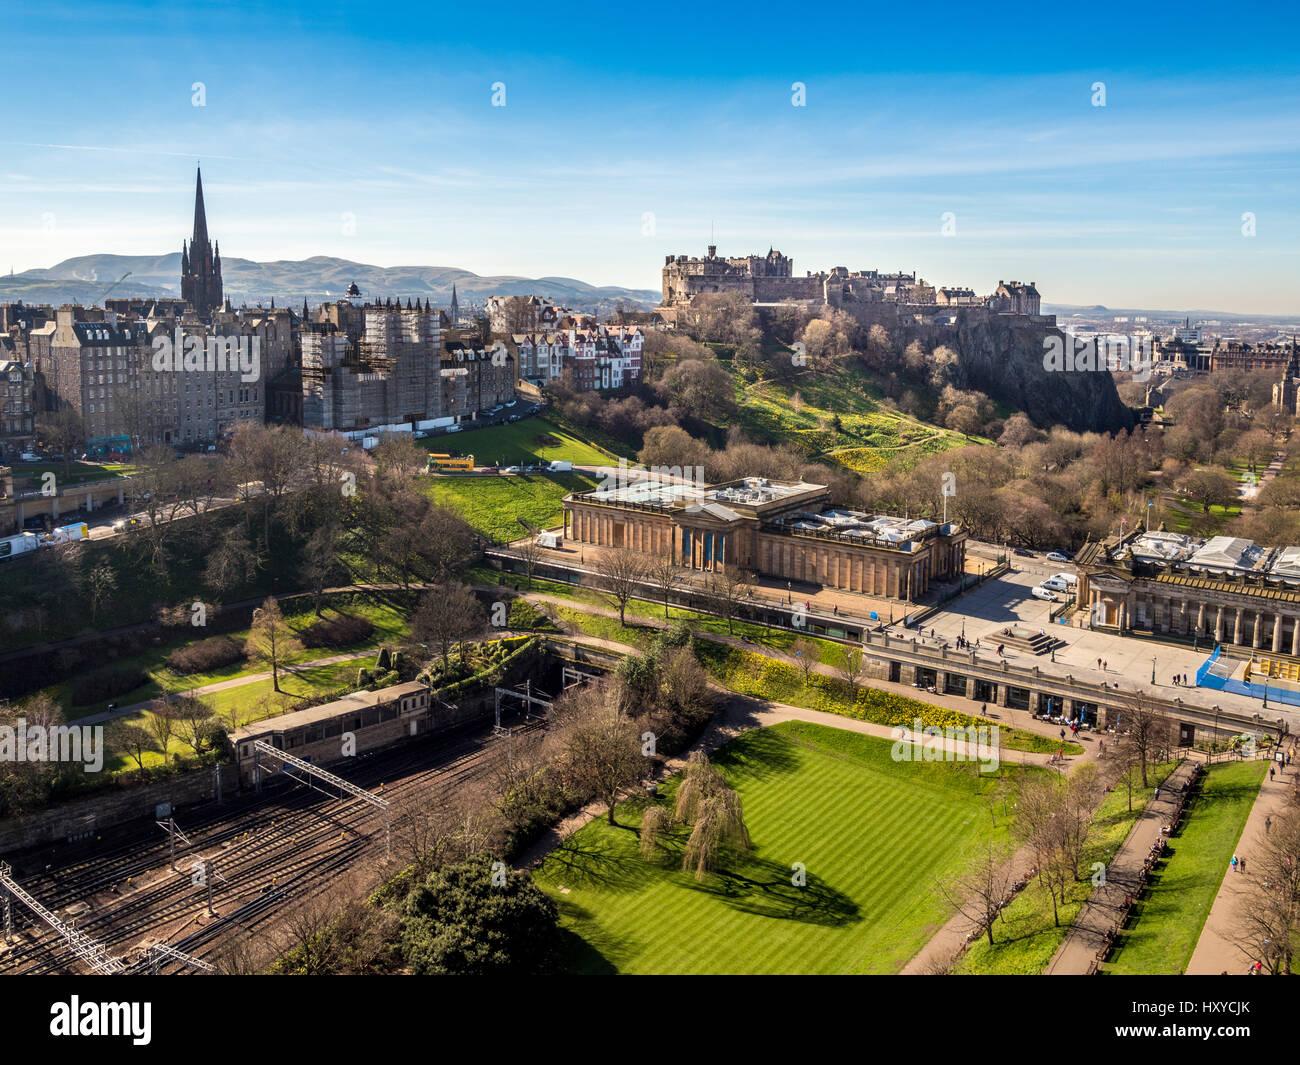 Le Château d'Édimbourg. Scottish National Gallery, Édimbourg, Écosse, Royaume-Uni. Photo Stock